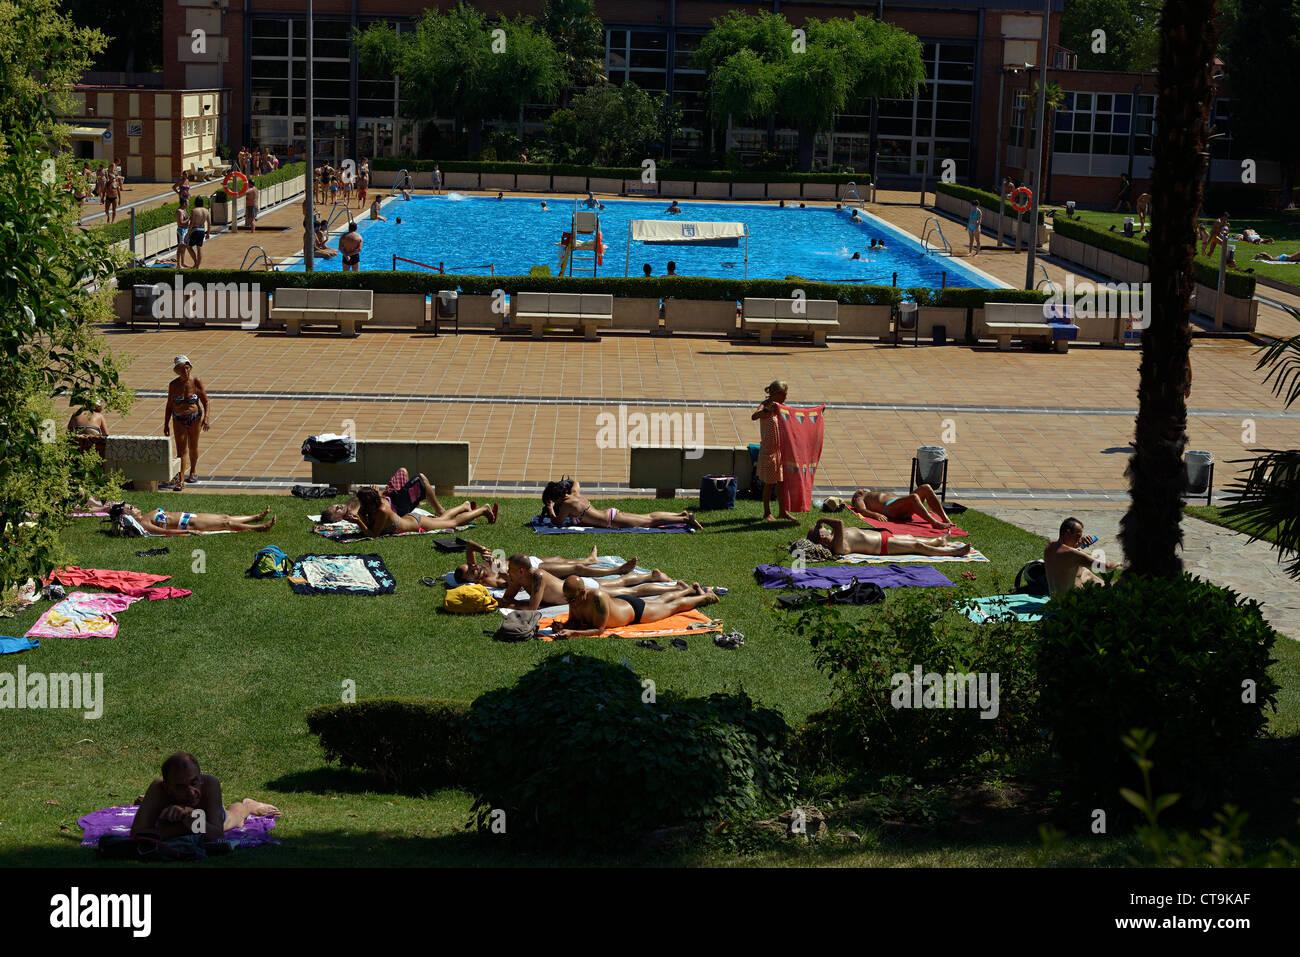 Casa del campo swimming pool madrid spain stock photo for Piscina casa de campo madrid